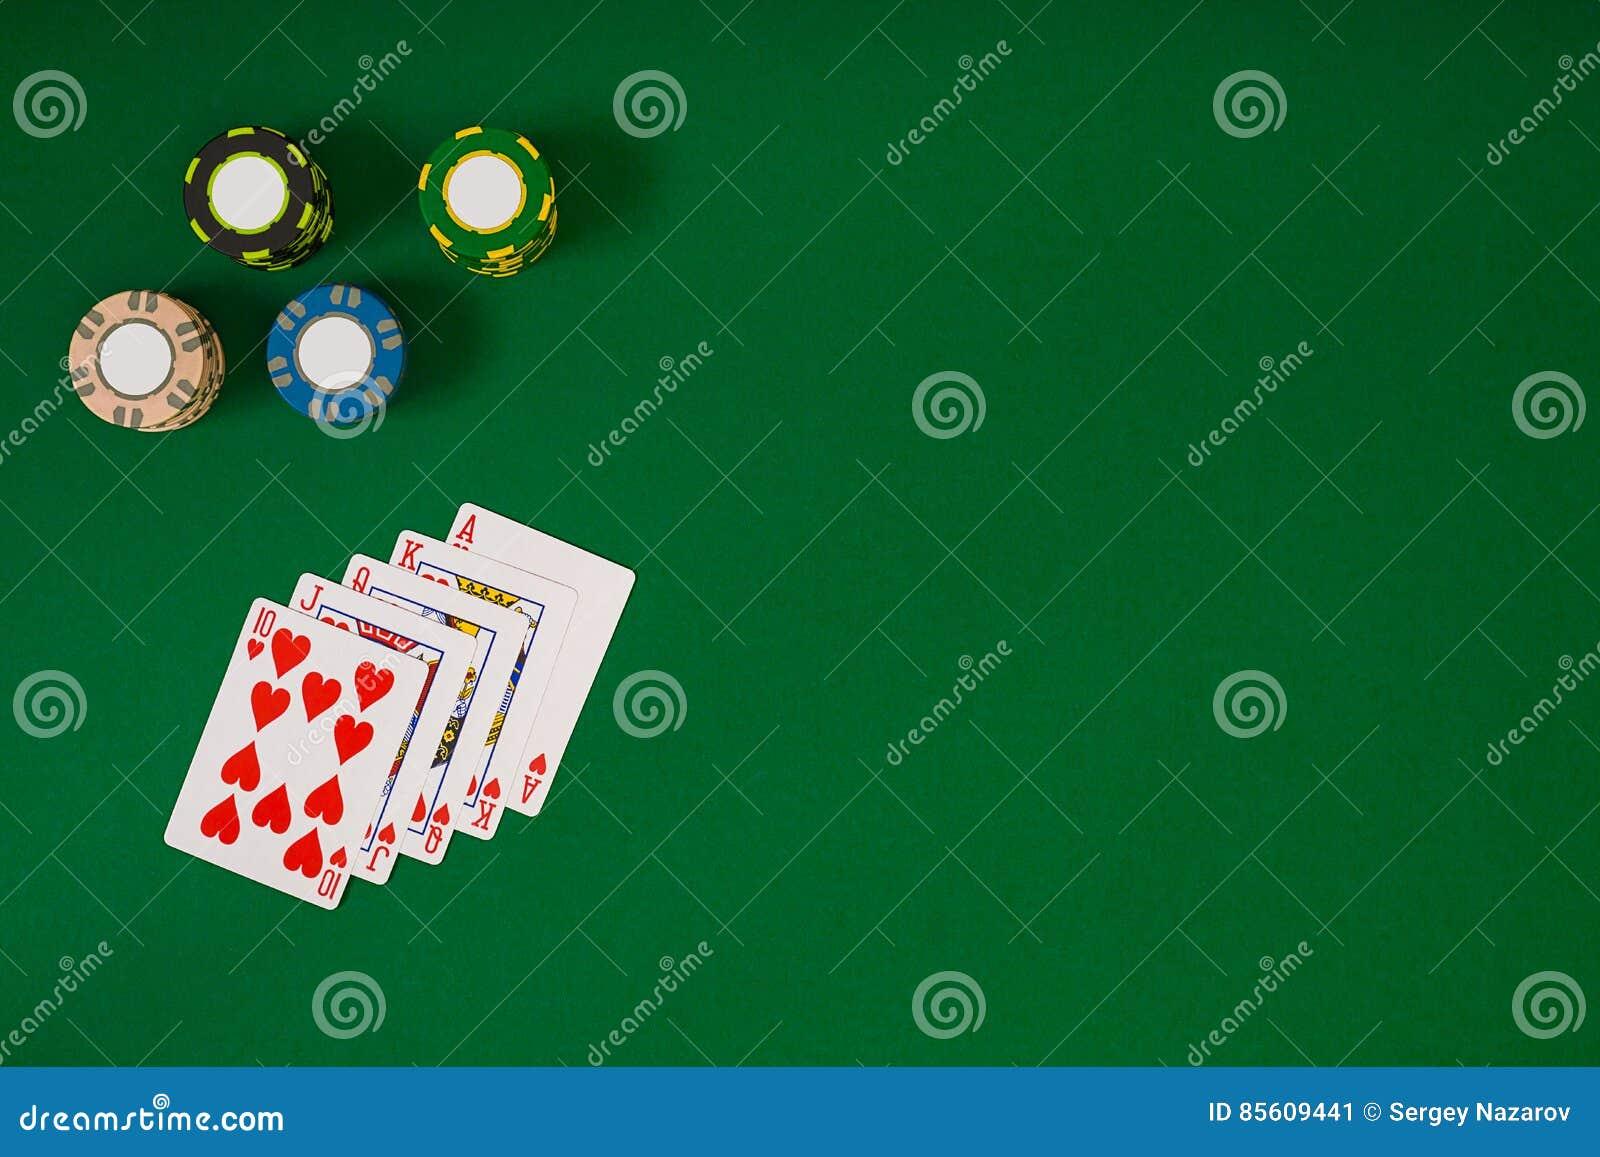 560 модель казино крупный выигрыш в казино вулкан видео